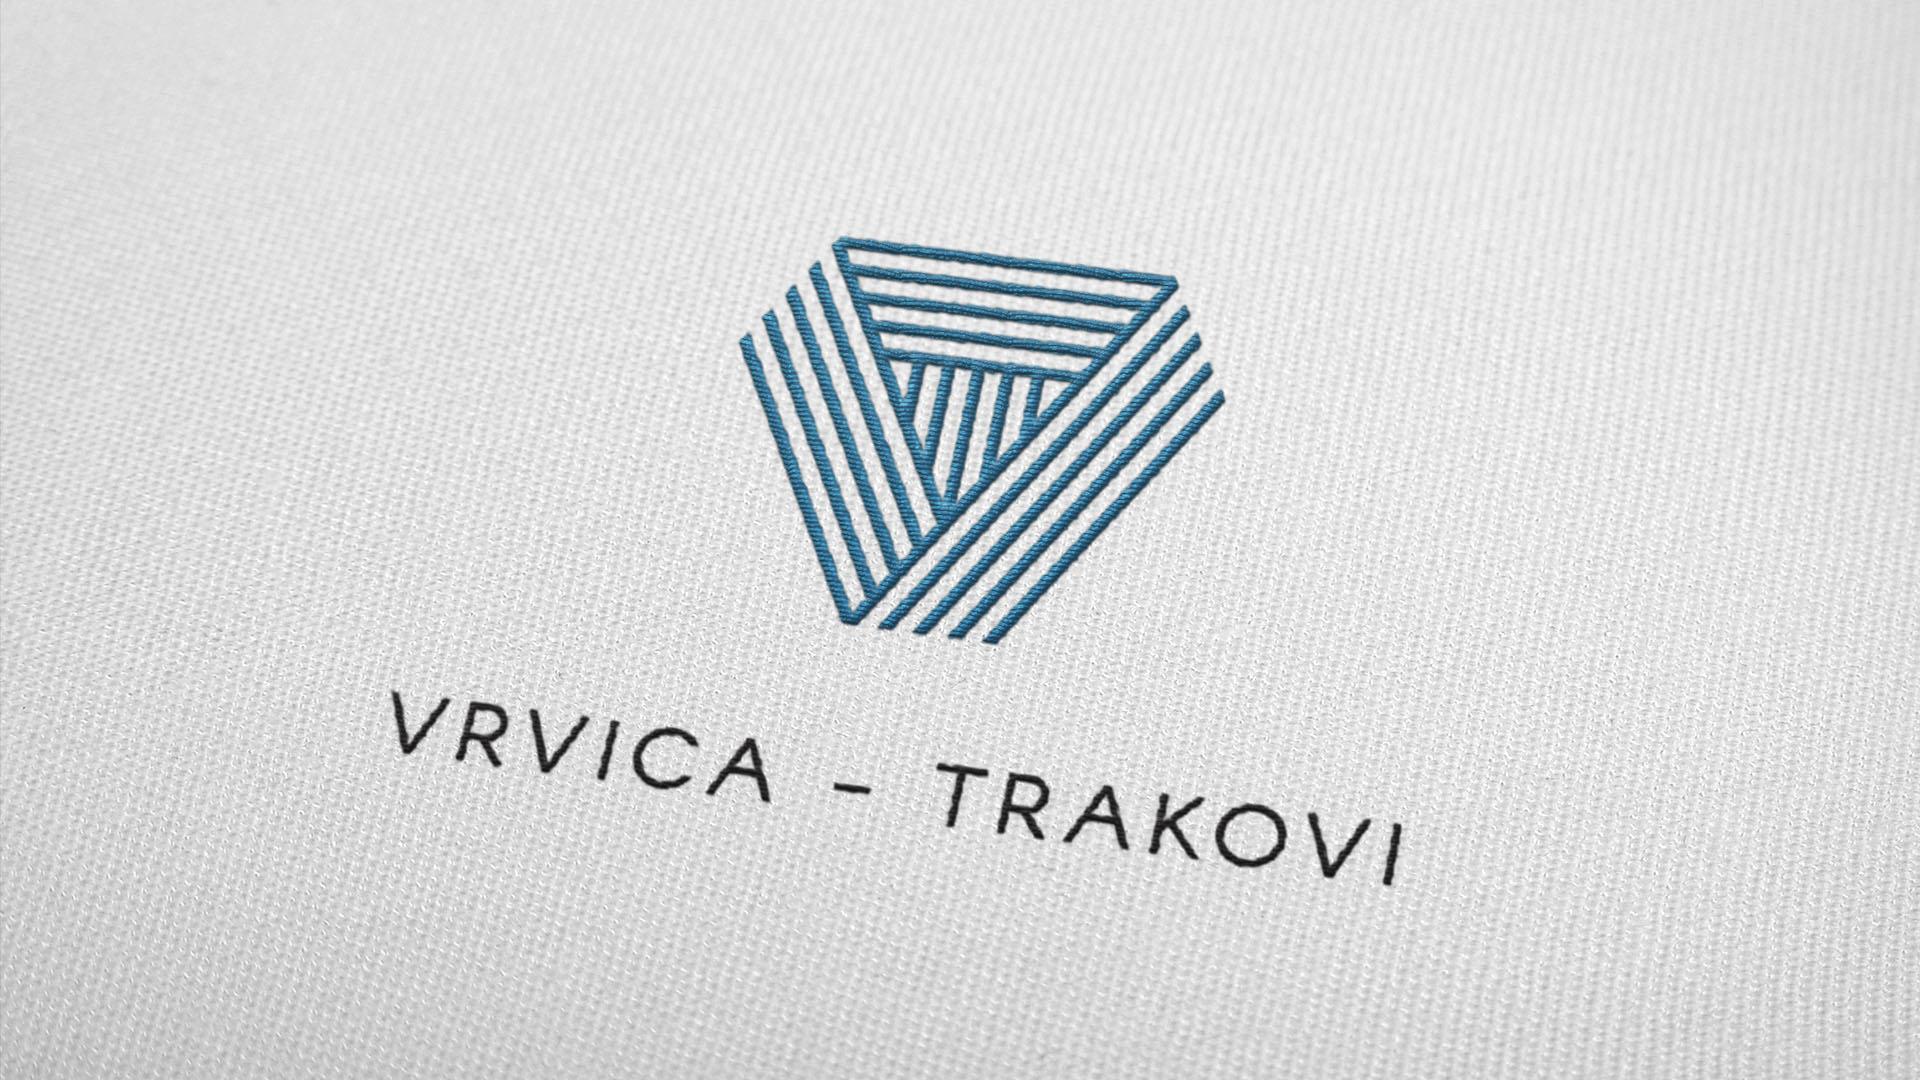 Vrvica - Trakovi